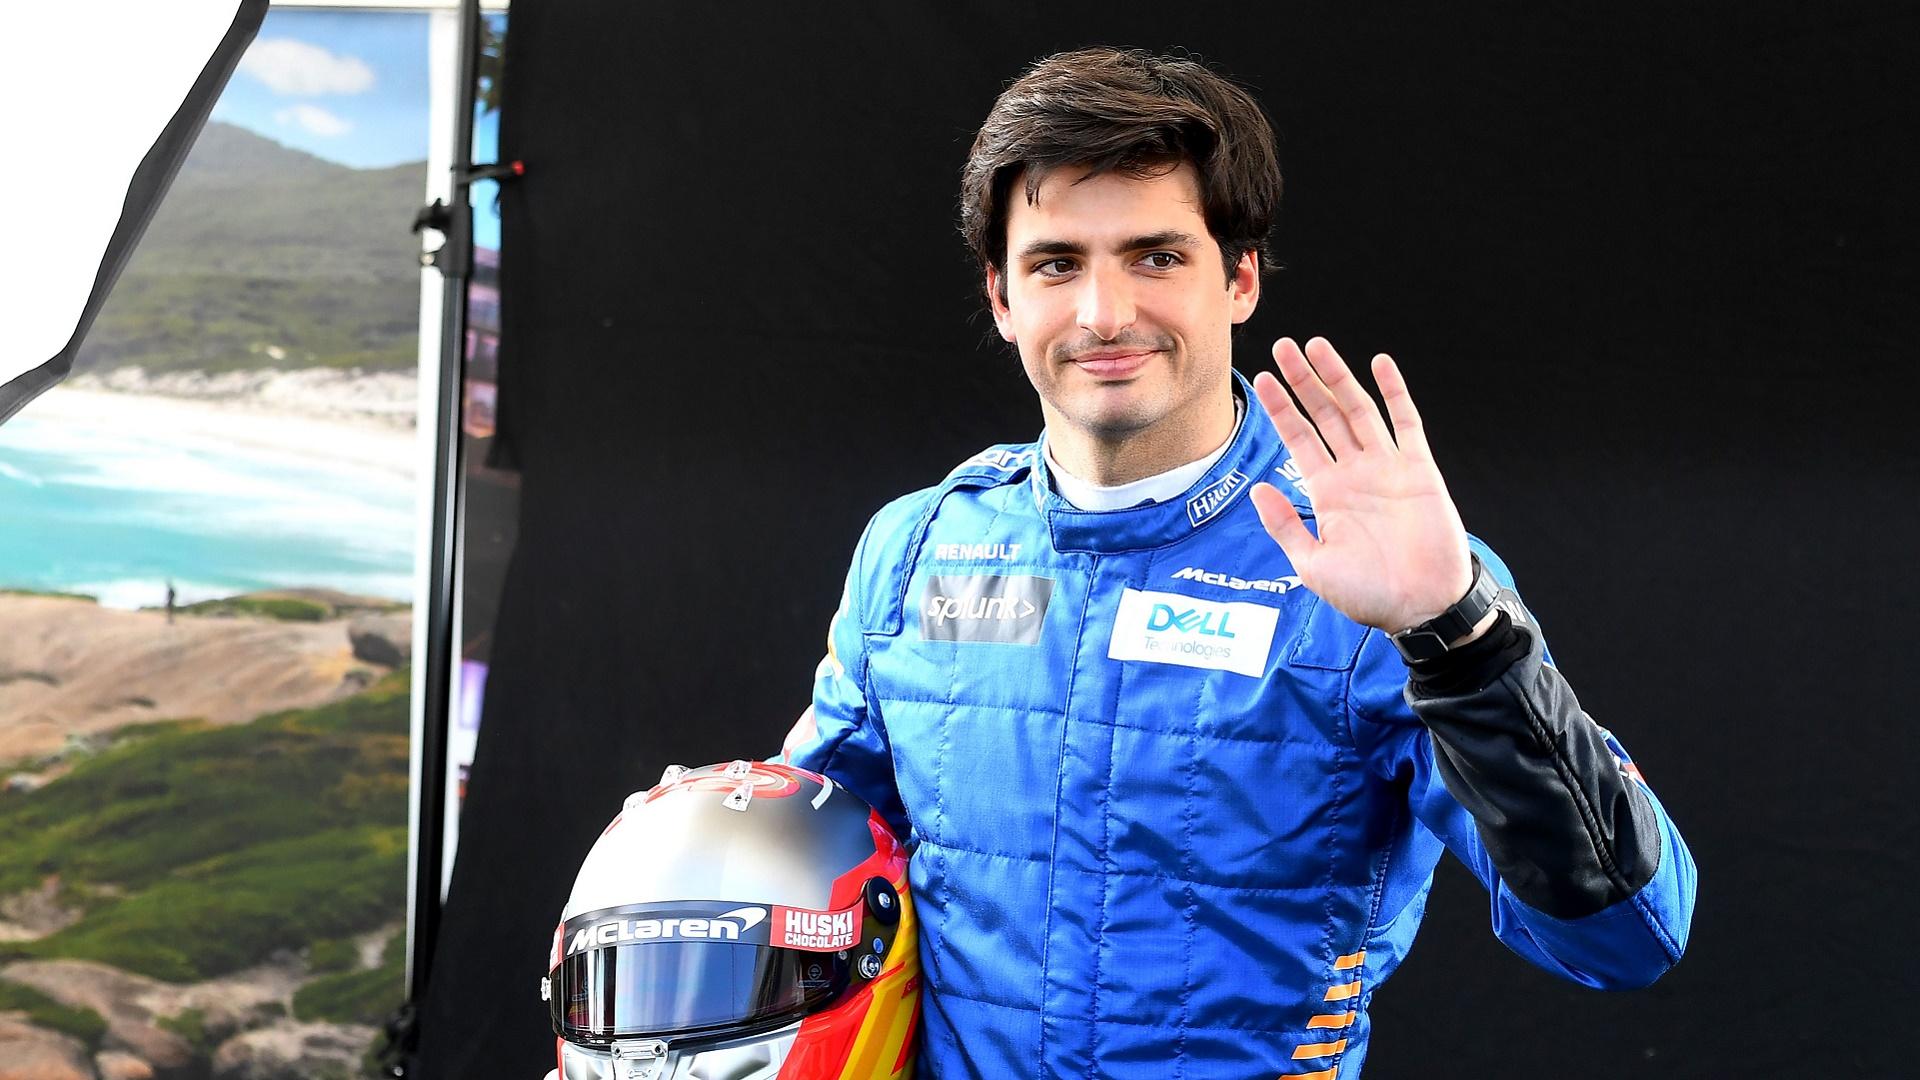 2020-06-24 Formula 1 F1 Carlos Sainz